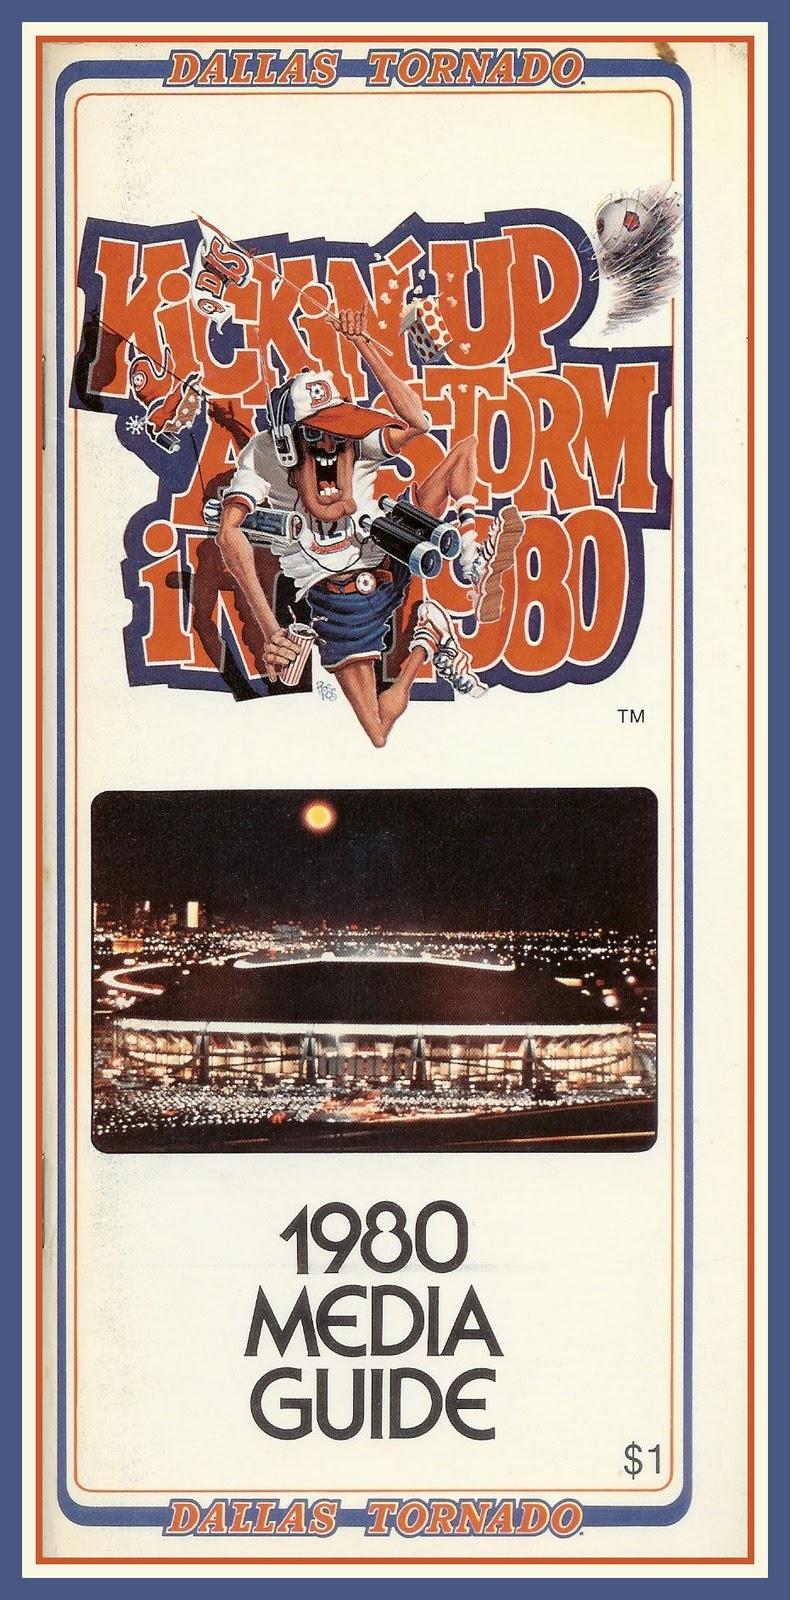 tornadomg1980.jpg